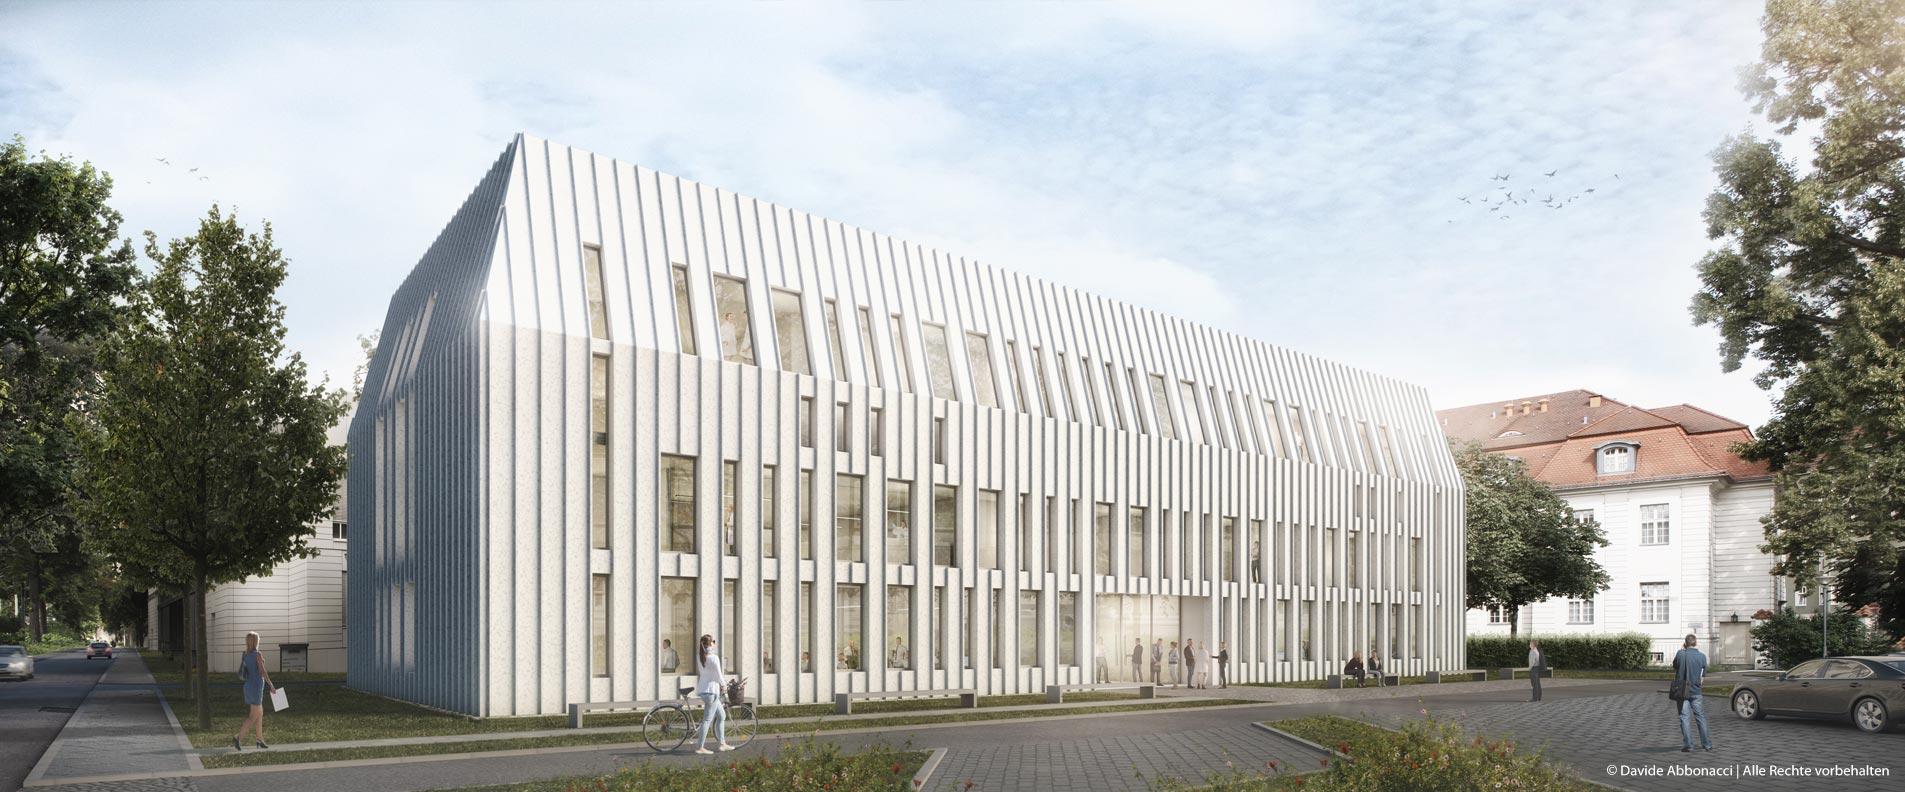 beCAT - Laborgebäude Virchow Klinikum, Berlin | Erchinger Wurfbaum Architekten | 2017 Wettbewerbsvisualisierung